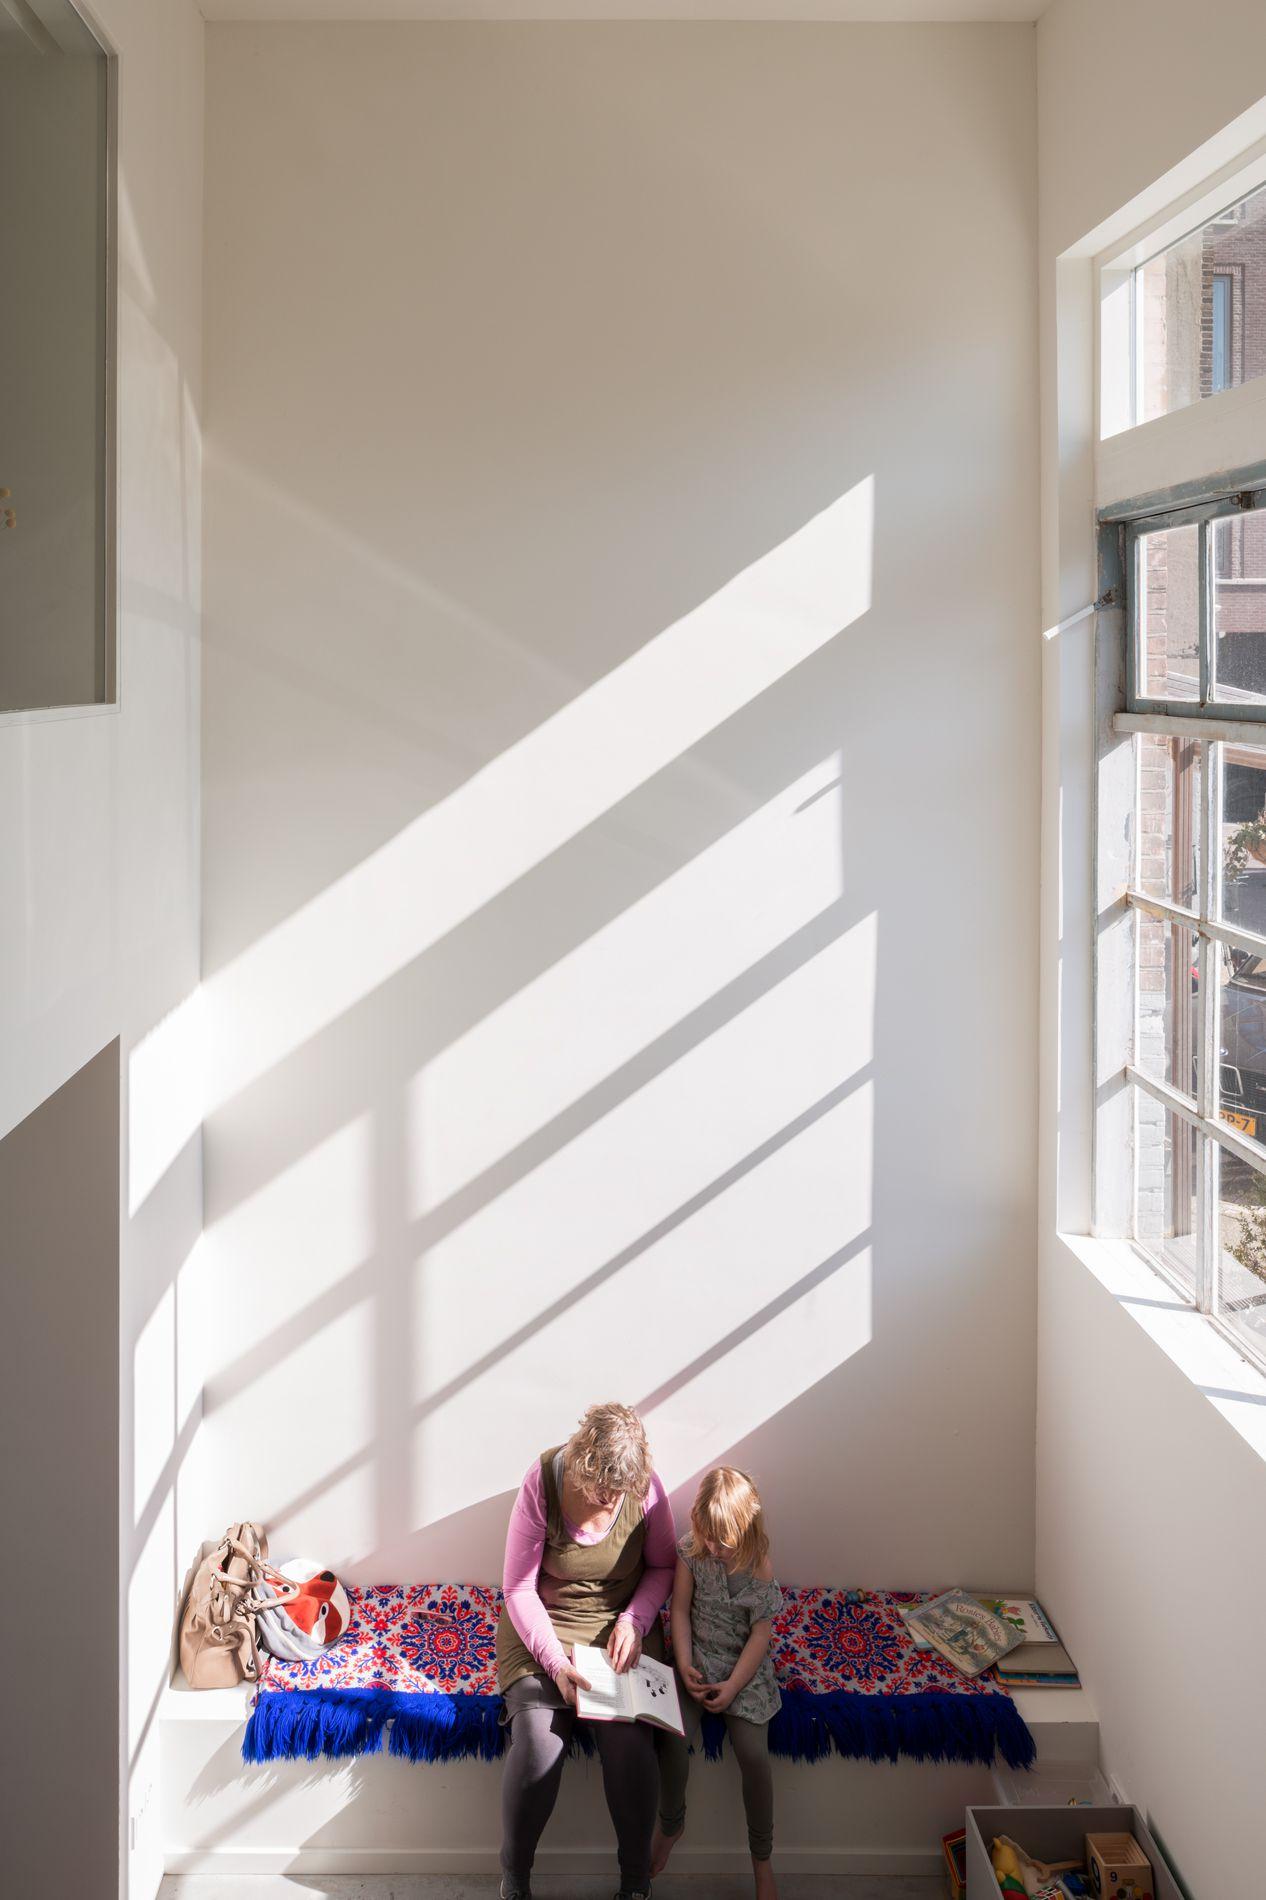 blankenstraat residence, amsterdam